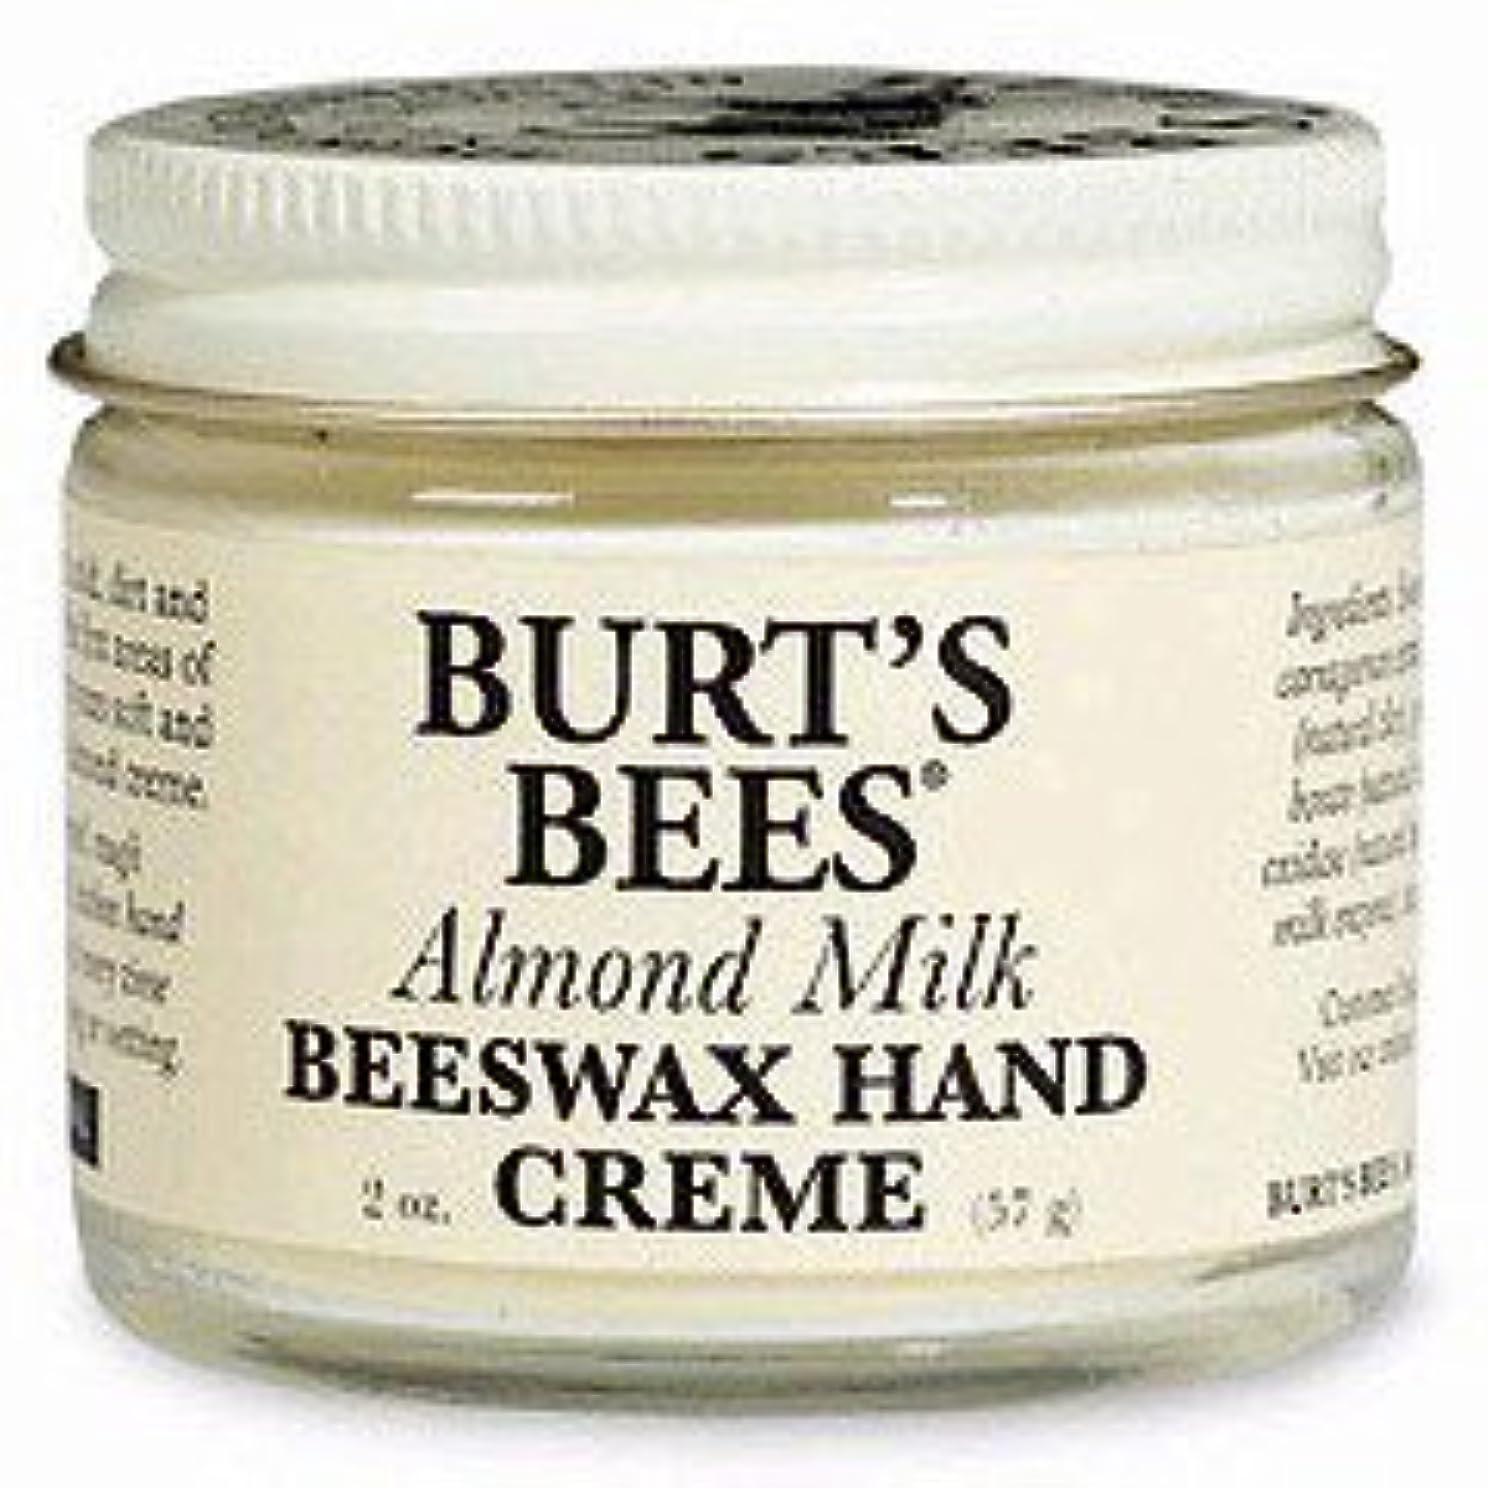 変換かんがい申し込むバーツビーズ(Burt's Bees) アーモンドミルク?ビーズワックス?ハンドクリーム 57g [海外直送品][並行輸入品]